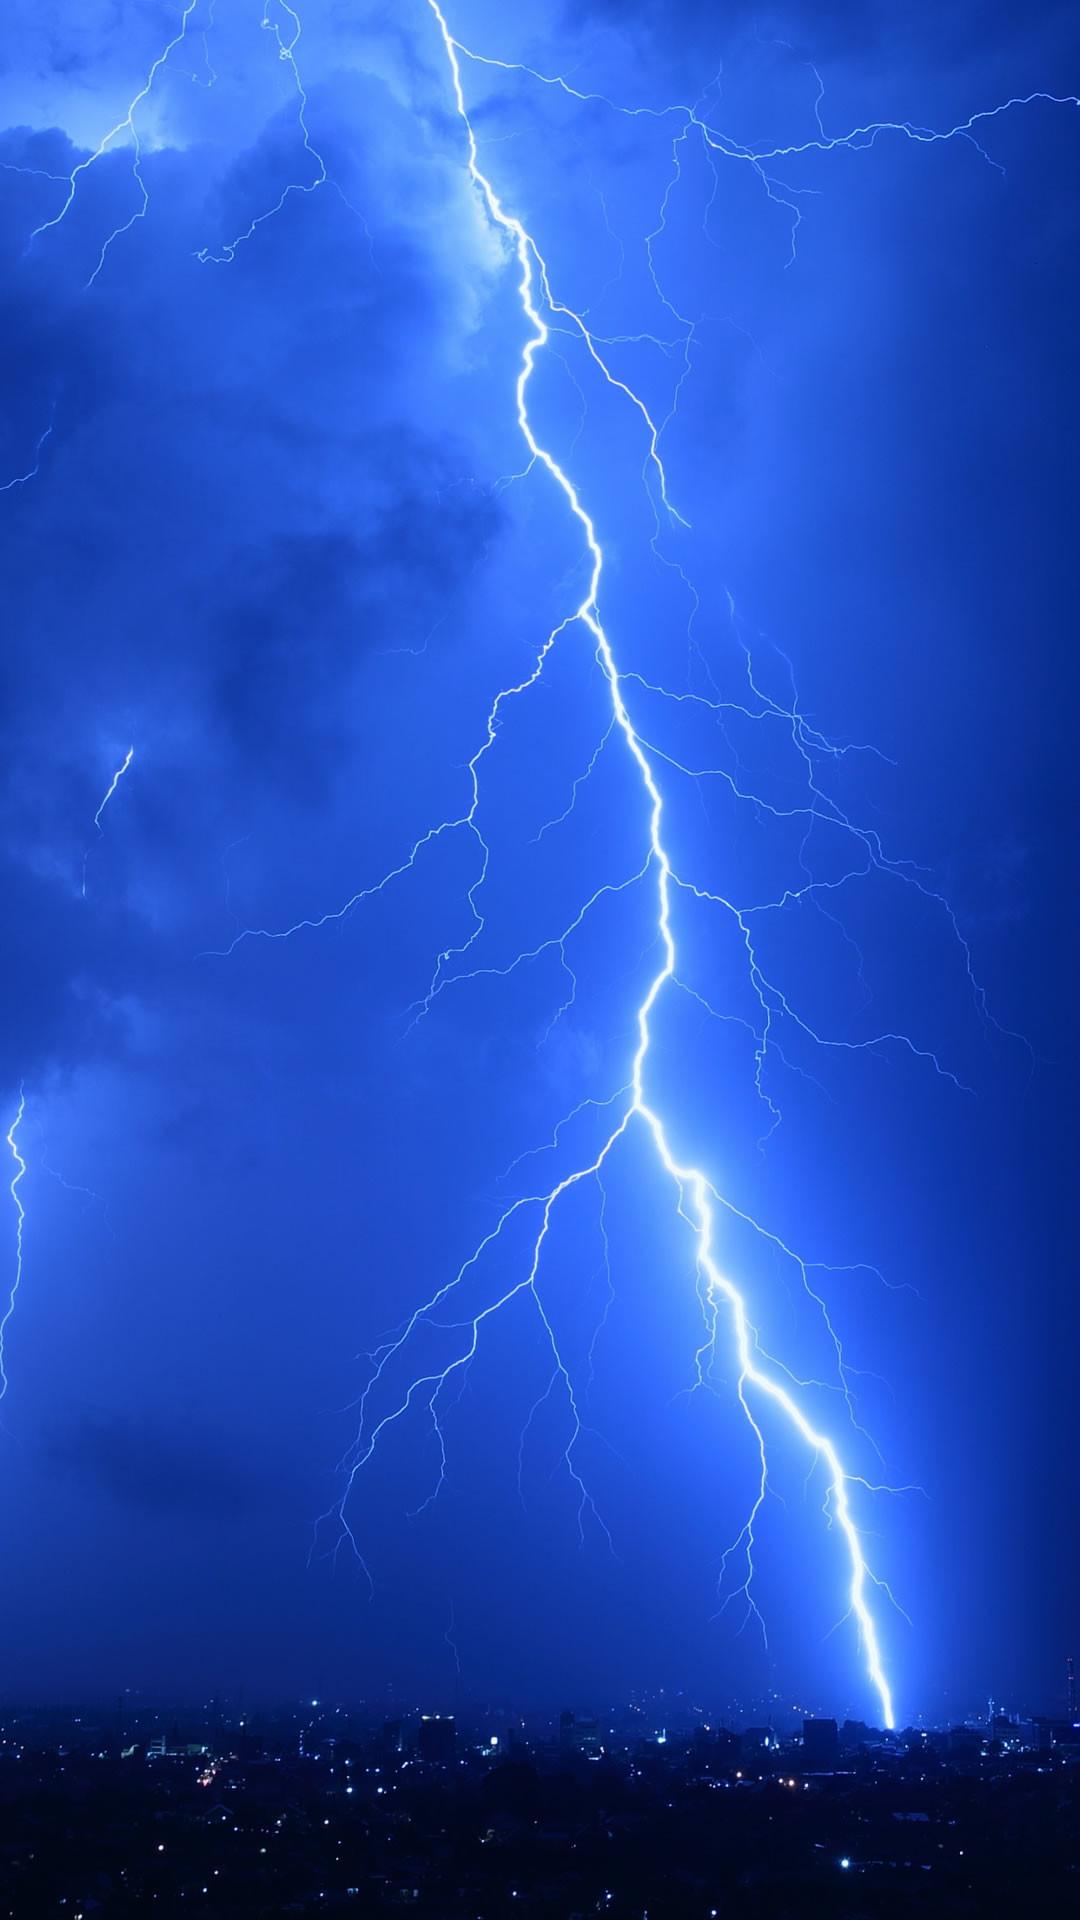 Lightning strike wallpaper 47 images - Lighting strike wallpaper ...